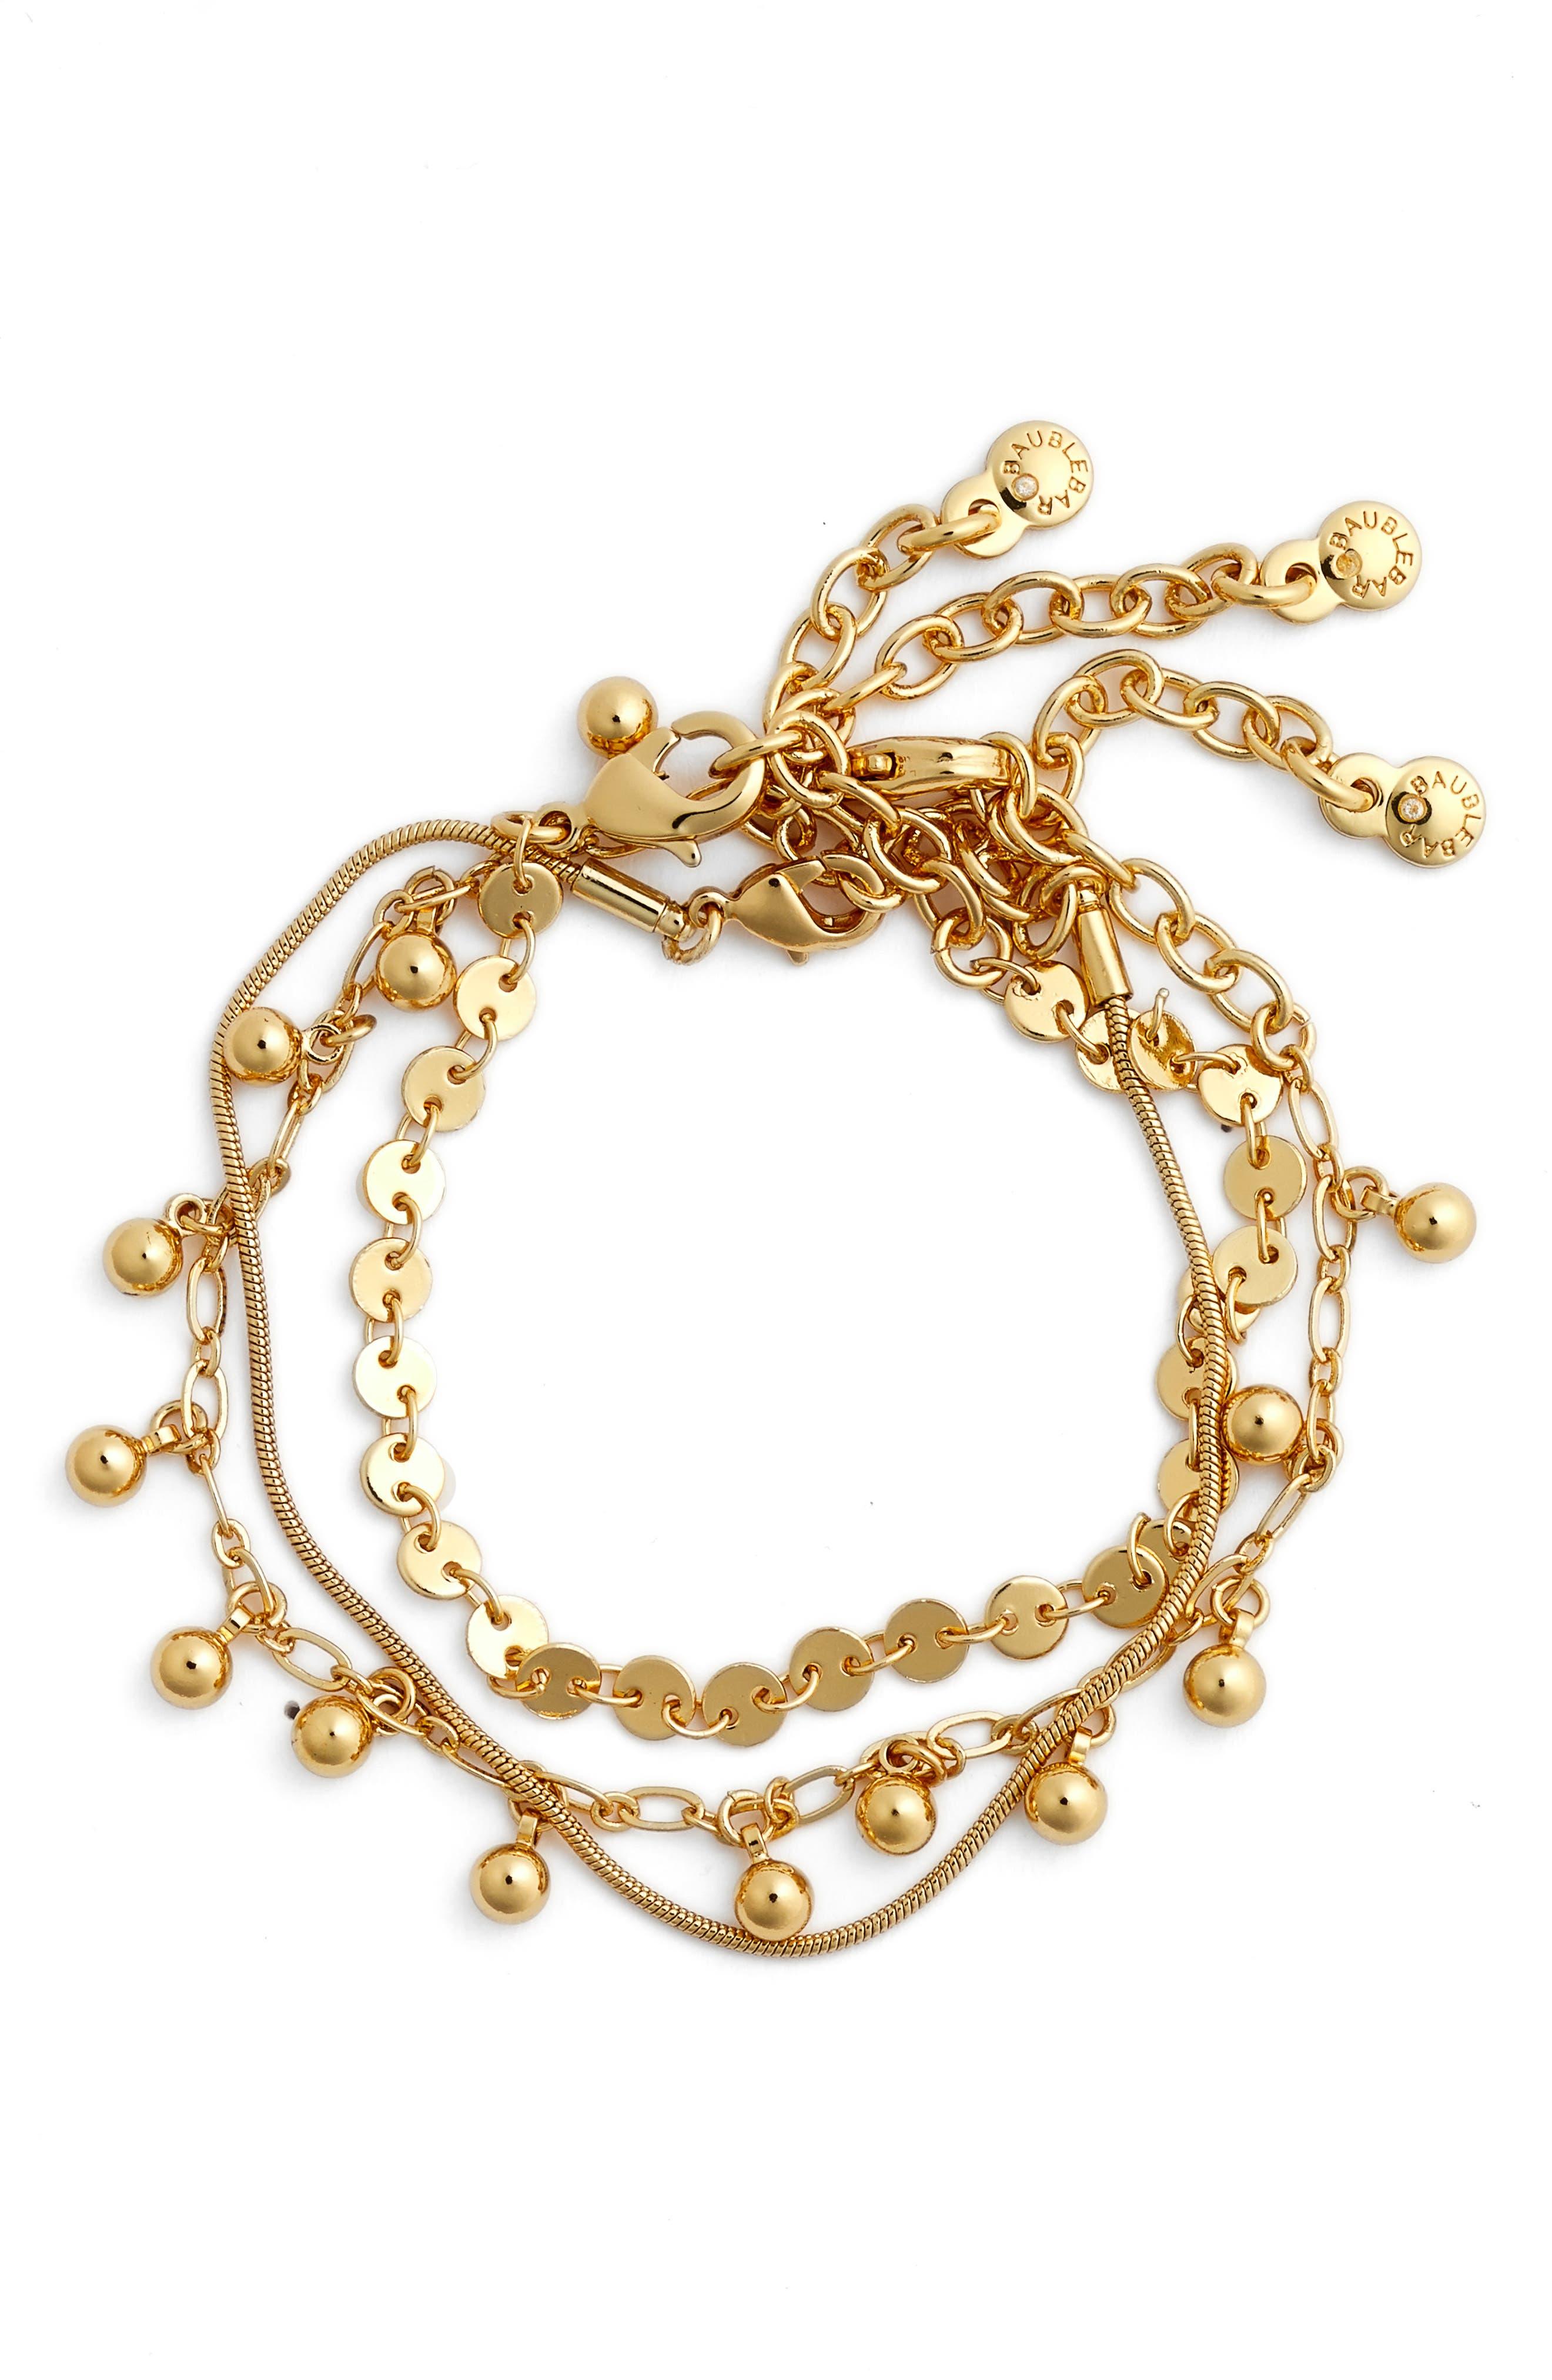 Asteria Set of 3 Bracelets,                         Main,                         color, GOLD